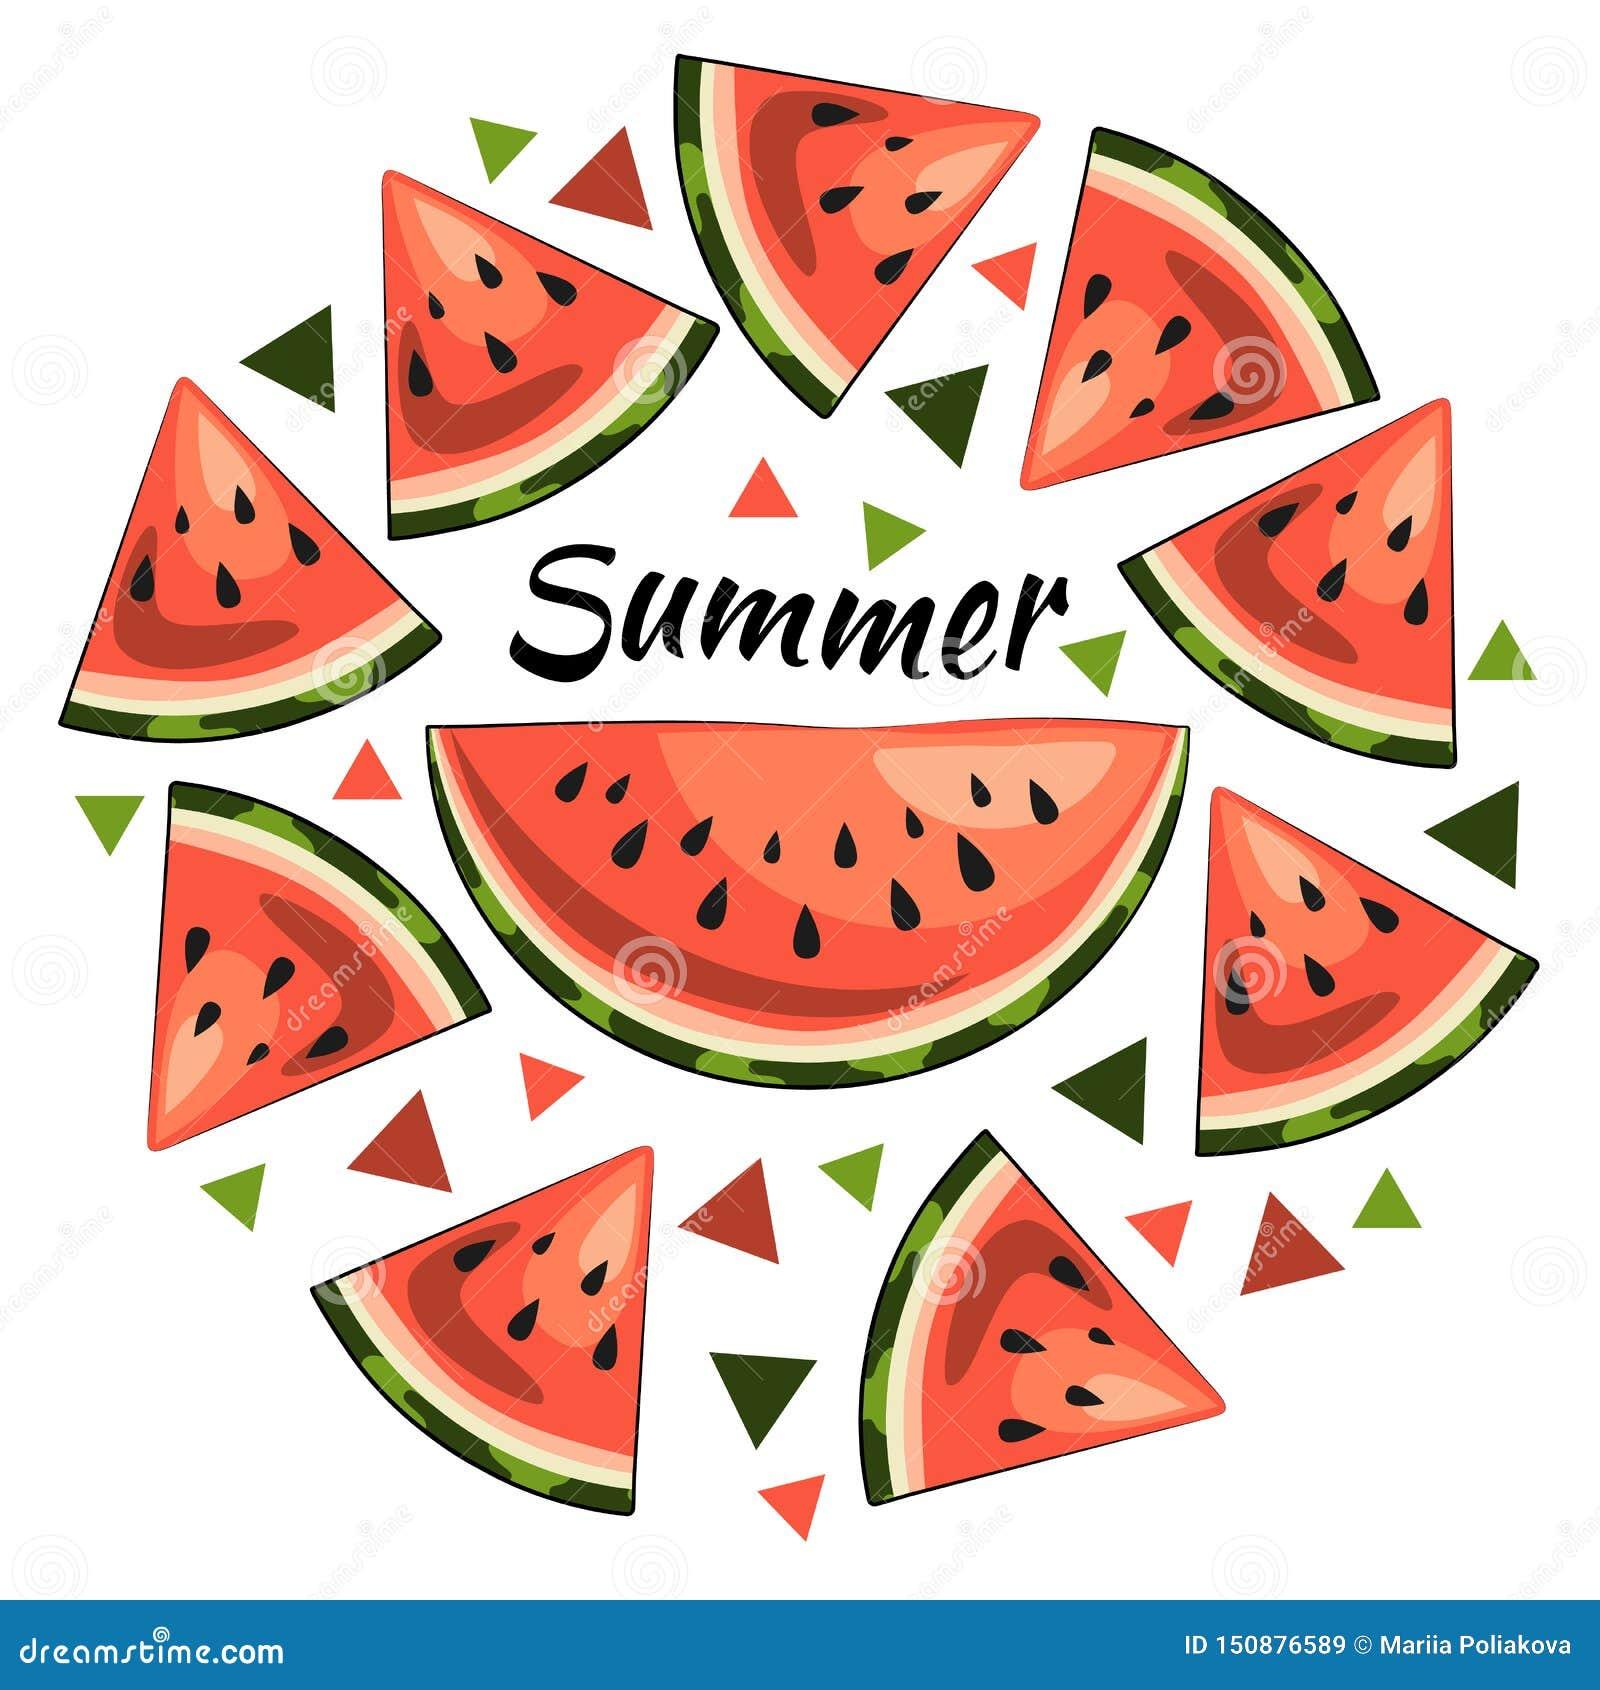 Яркая иллюстрация лета: сочные куски арбуза, надпись лета, треугольники